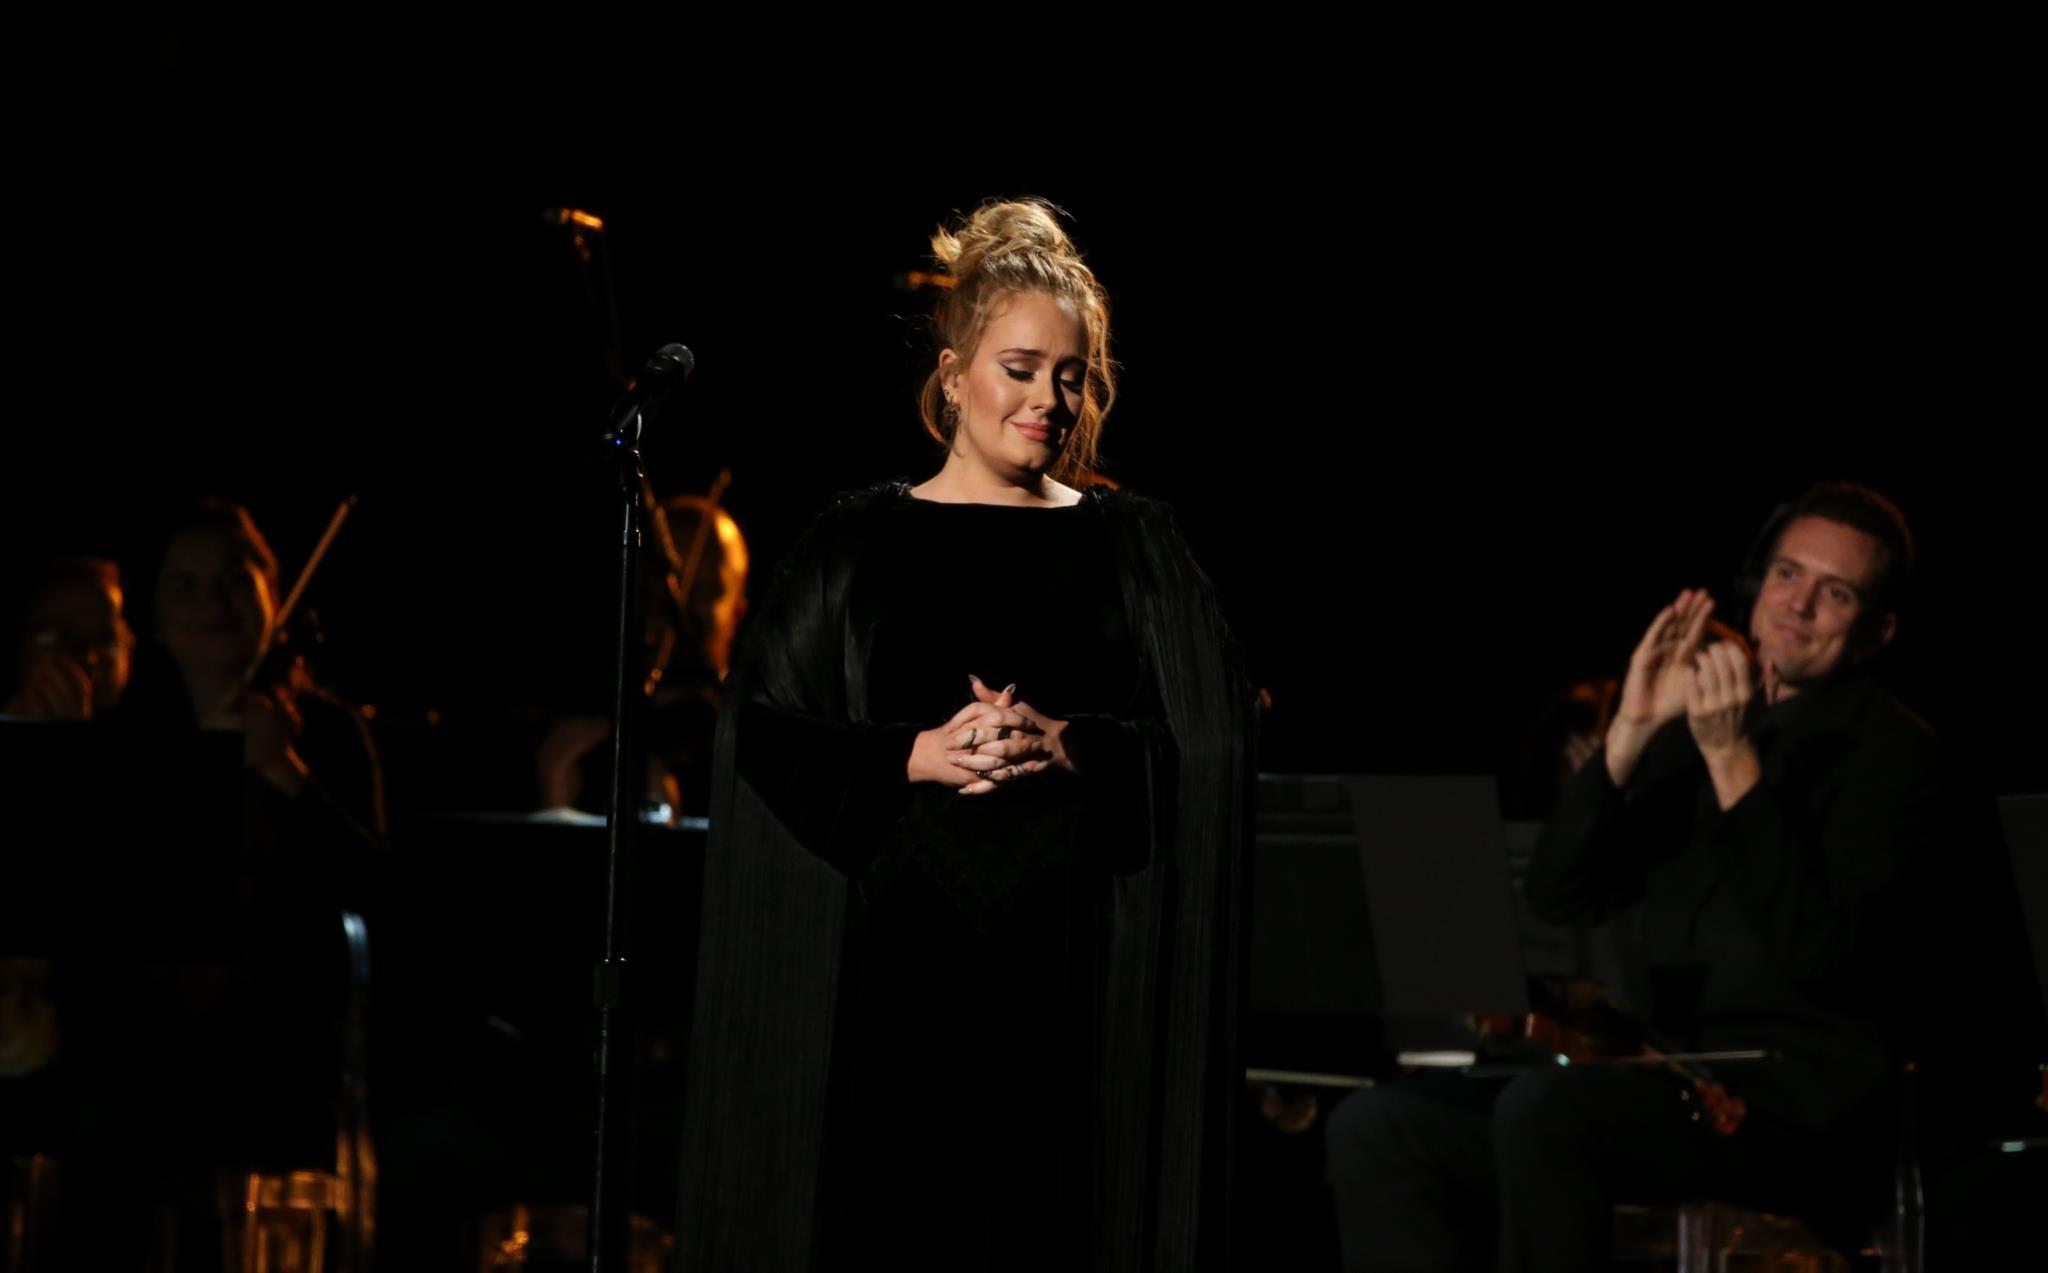 PÚBLICO - Esta pode ser a última digressão de Adele